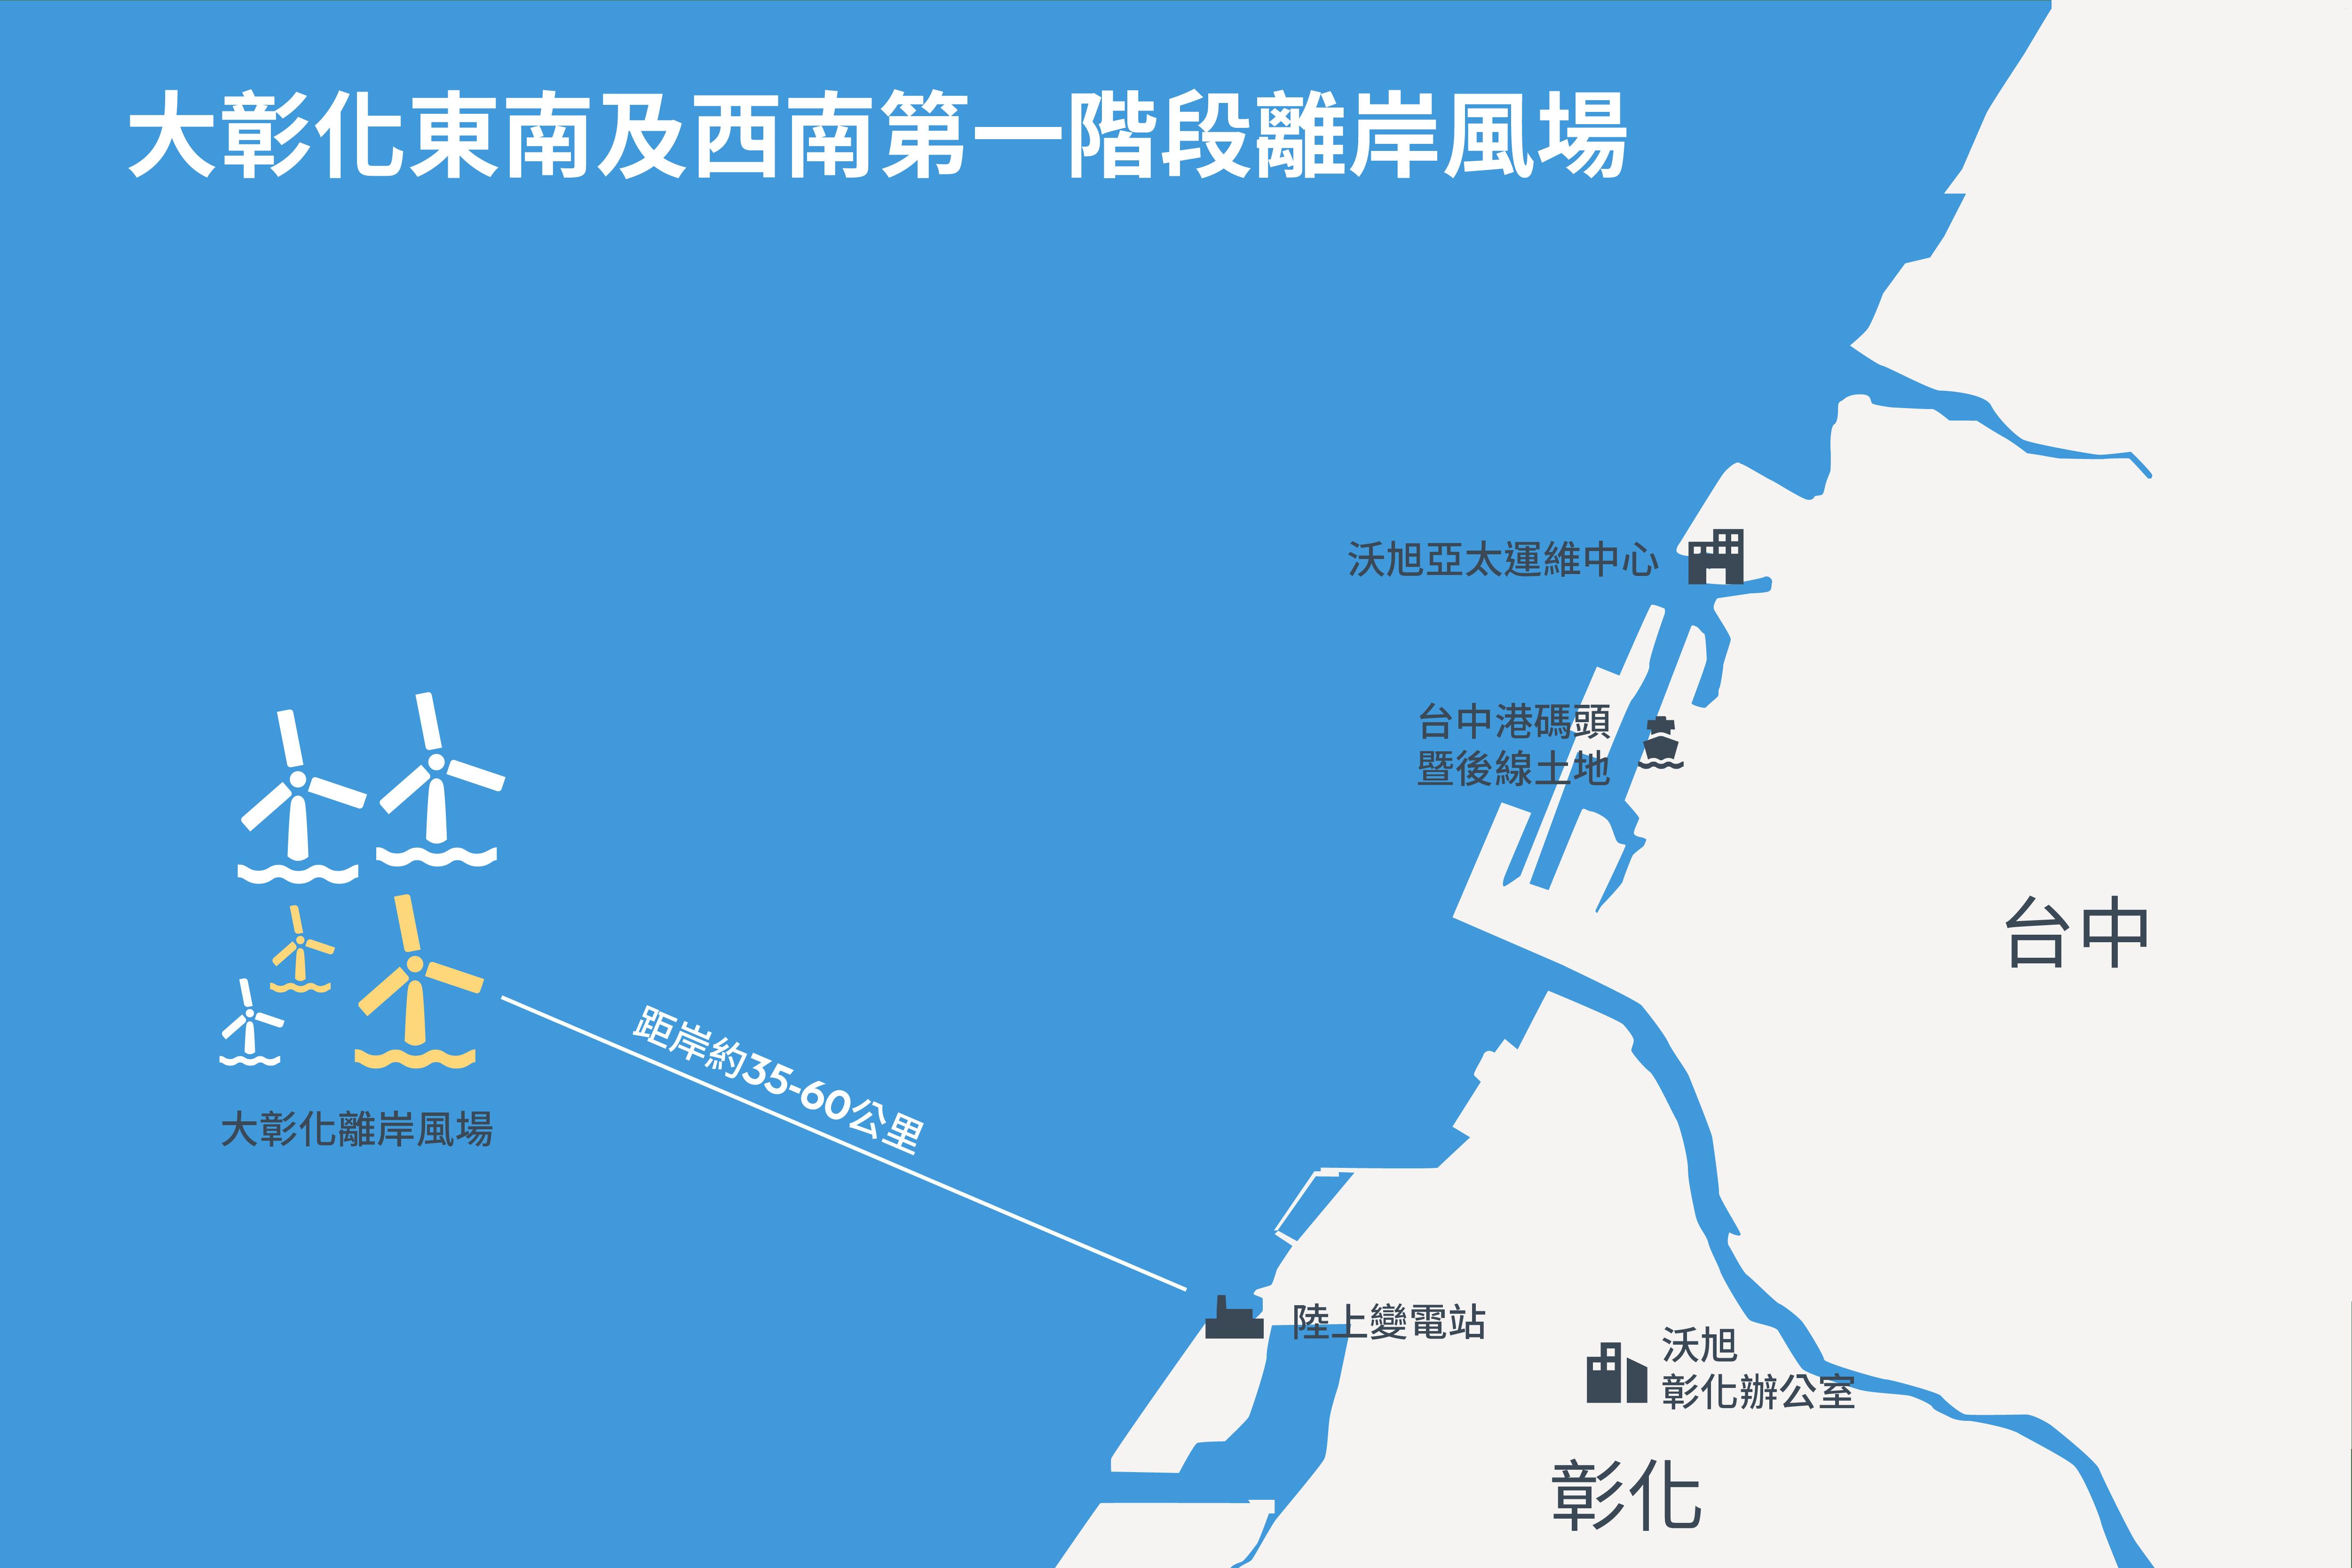 大彰化東南及西南第一階段離岸風場是台灣第一座位於航道外的大規模遠岸風場,預定2022年完成建造。